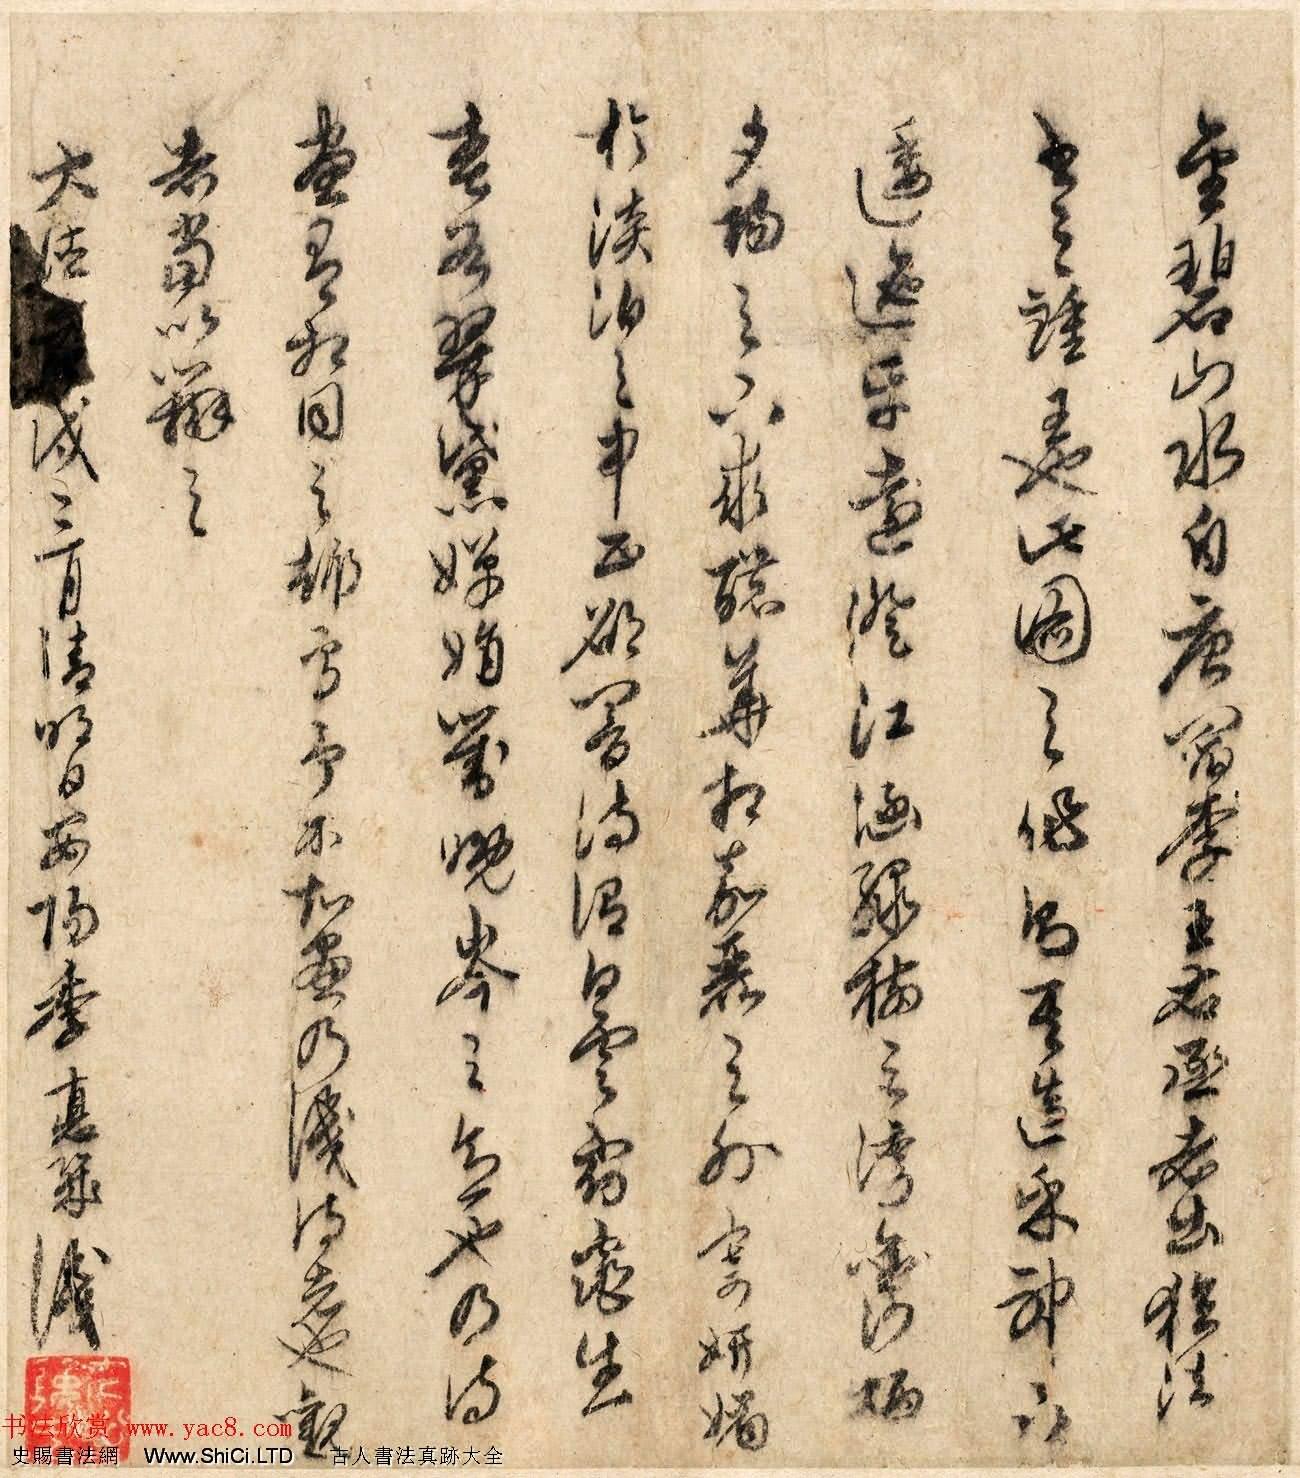 明初季德幾書法題跋字帖《江皋會遇圖》(共4張圖片)